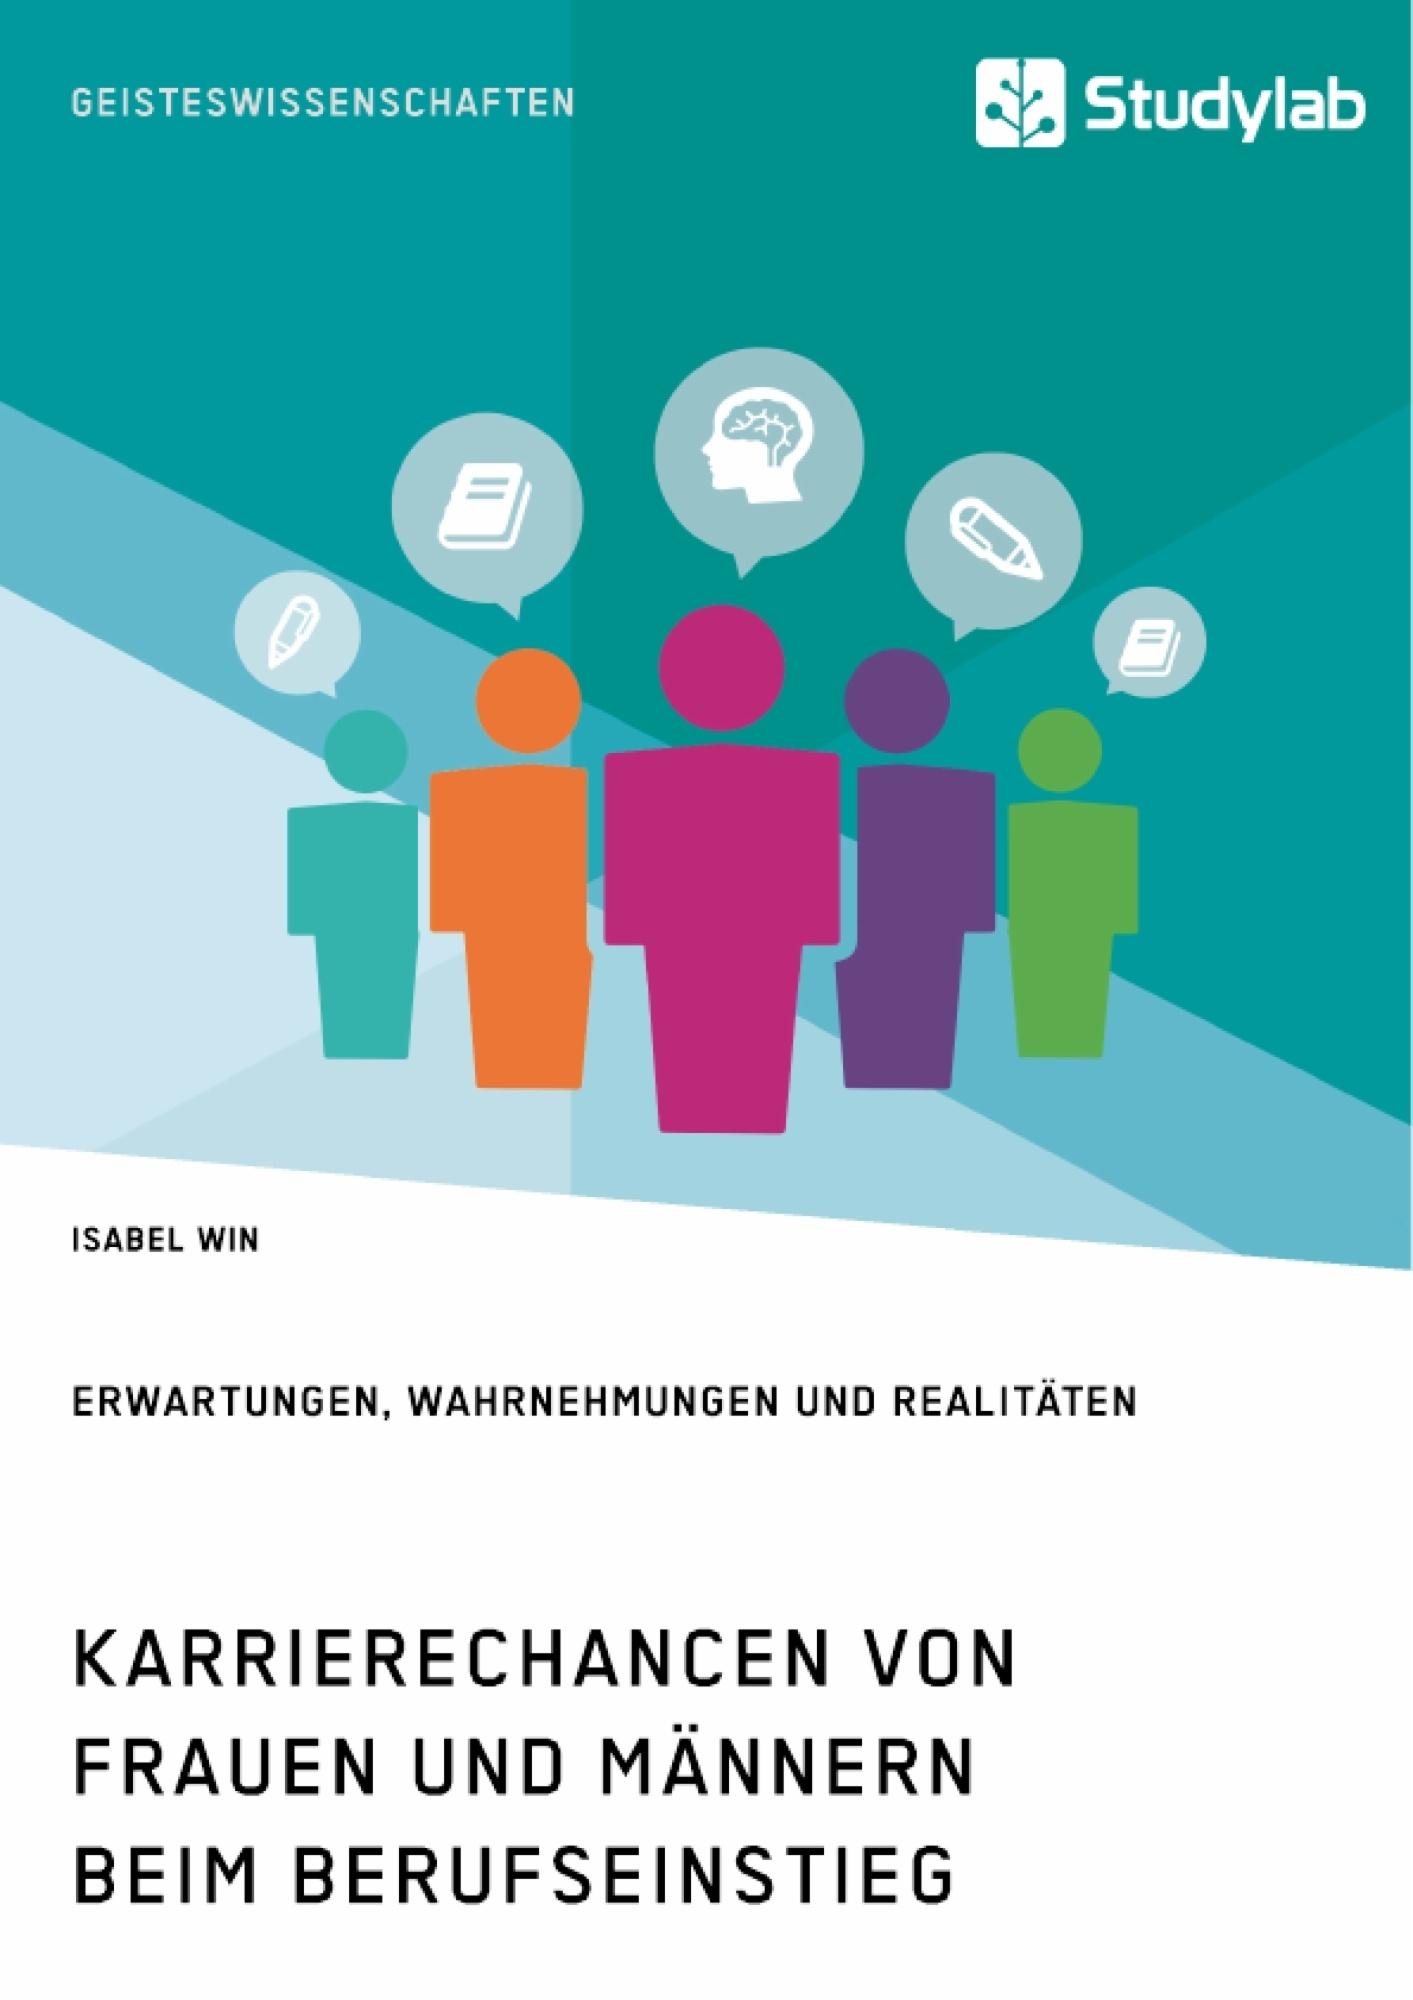 Titel: Karrierechancen von Frauen und Männern beim Berufseinstieg. Erwartungen, Wahrnehmungen und Realitäten